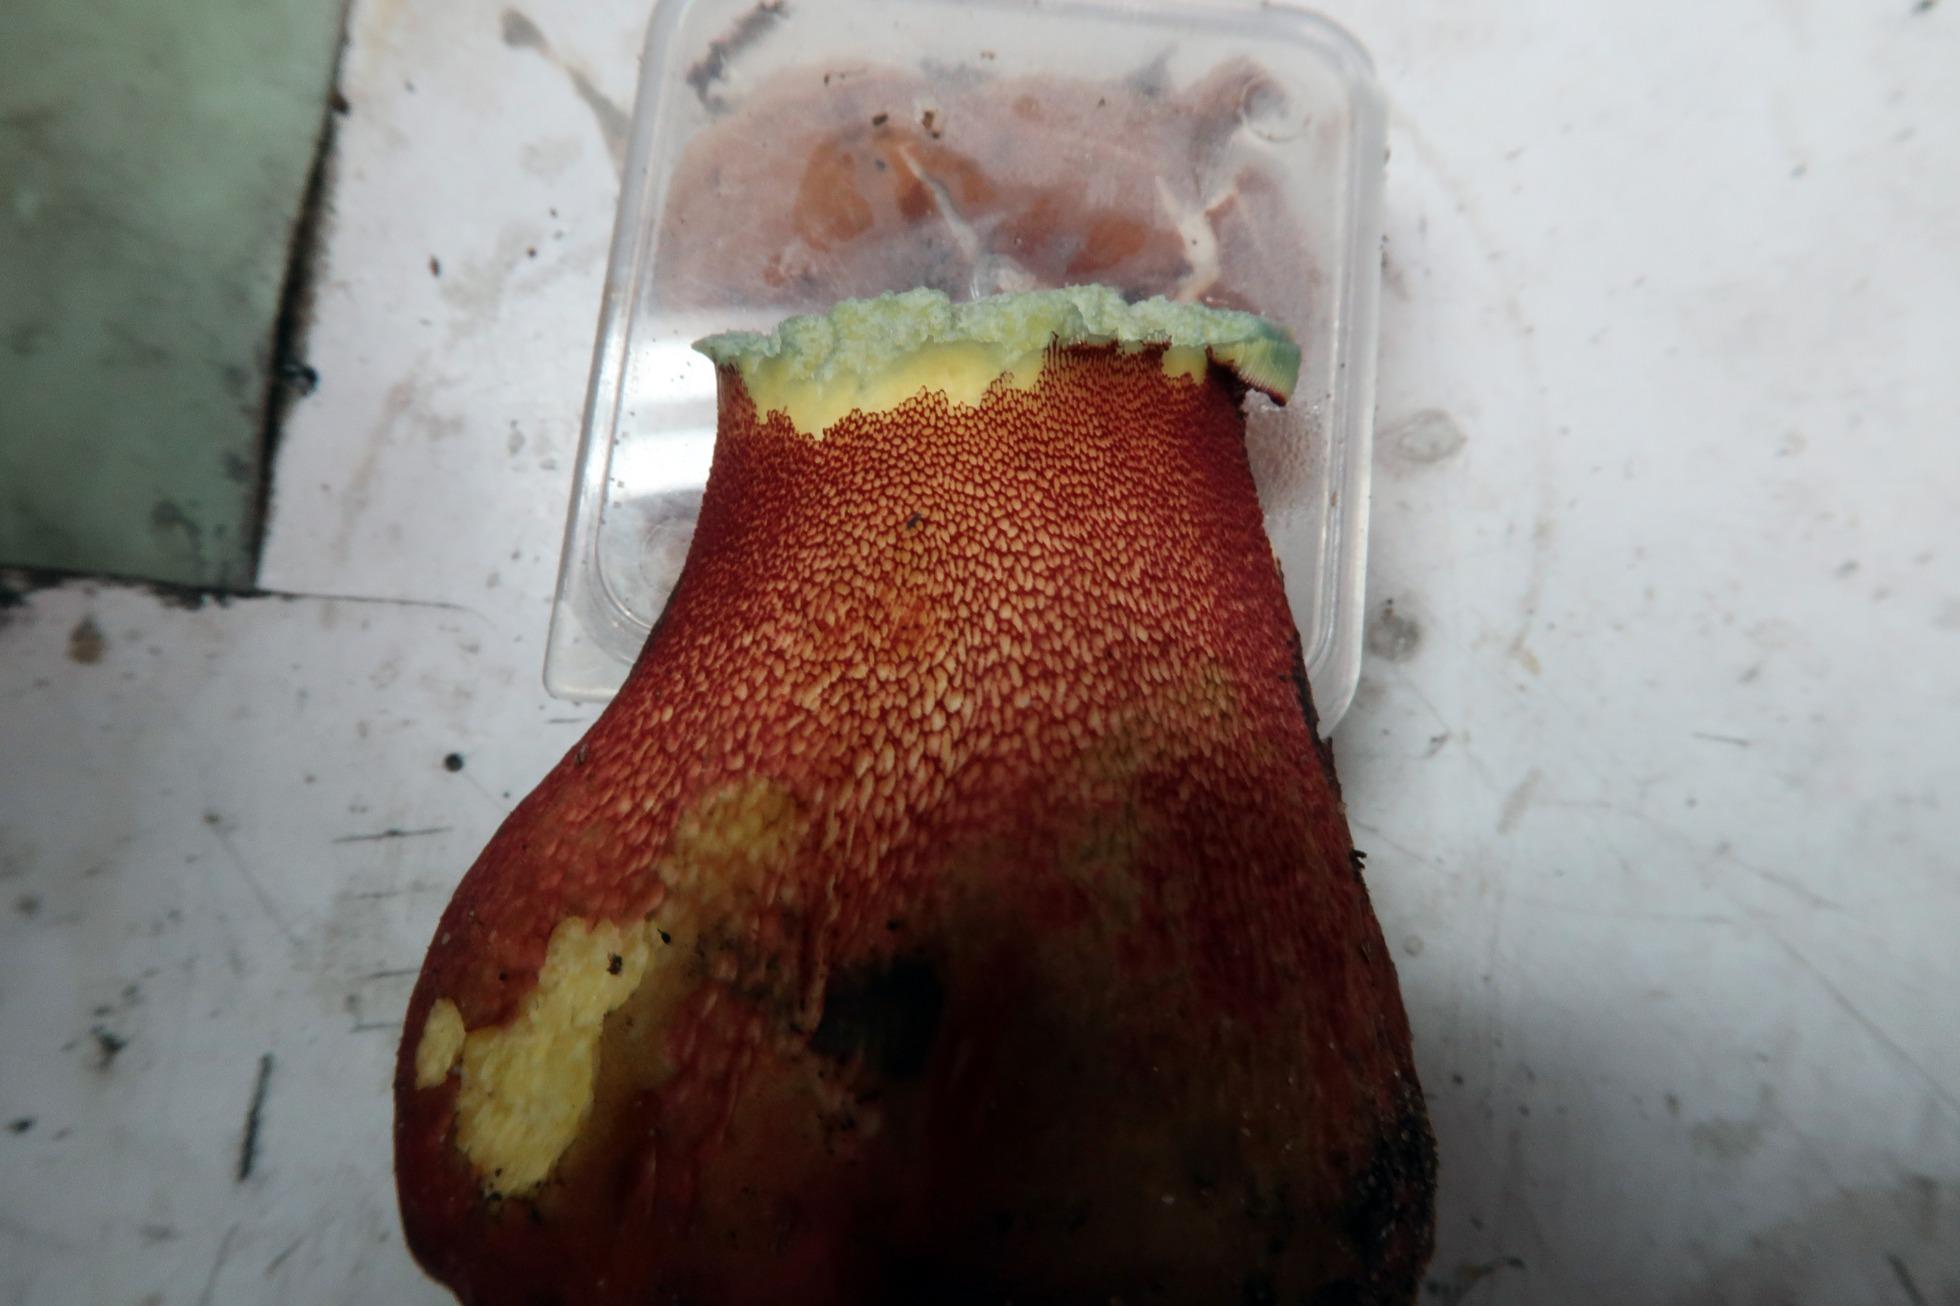 Suillellusrhodoxanthuspi.JPG